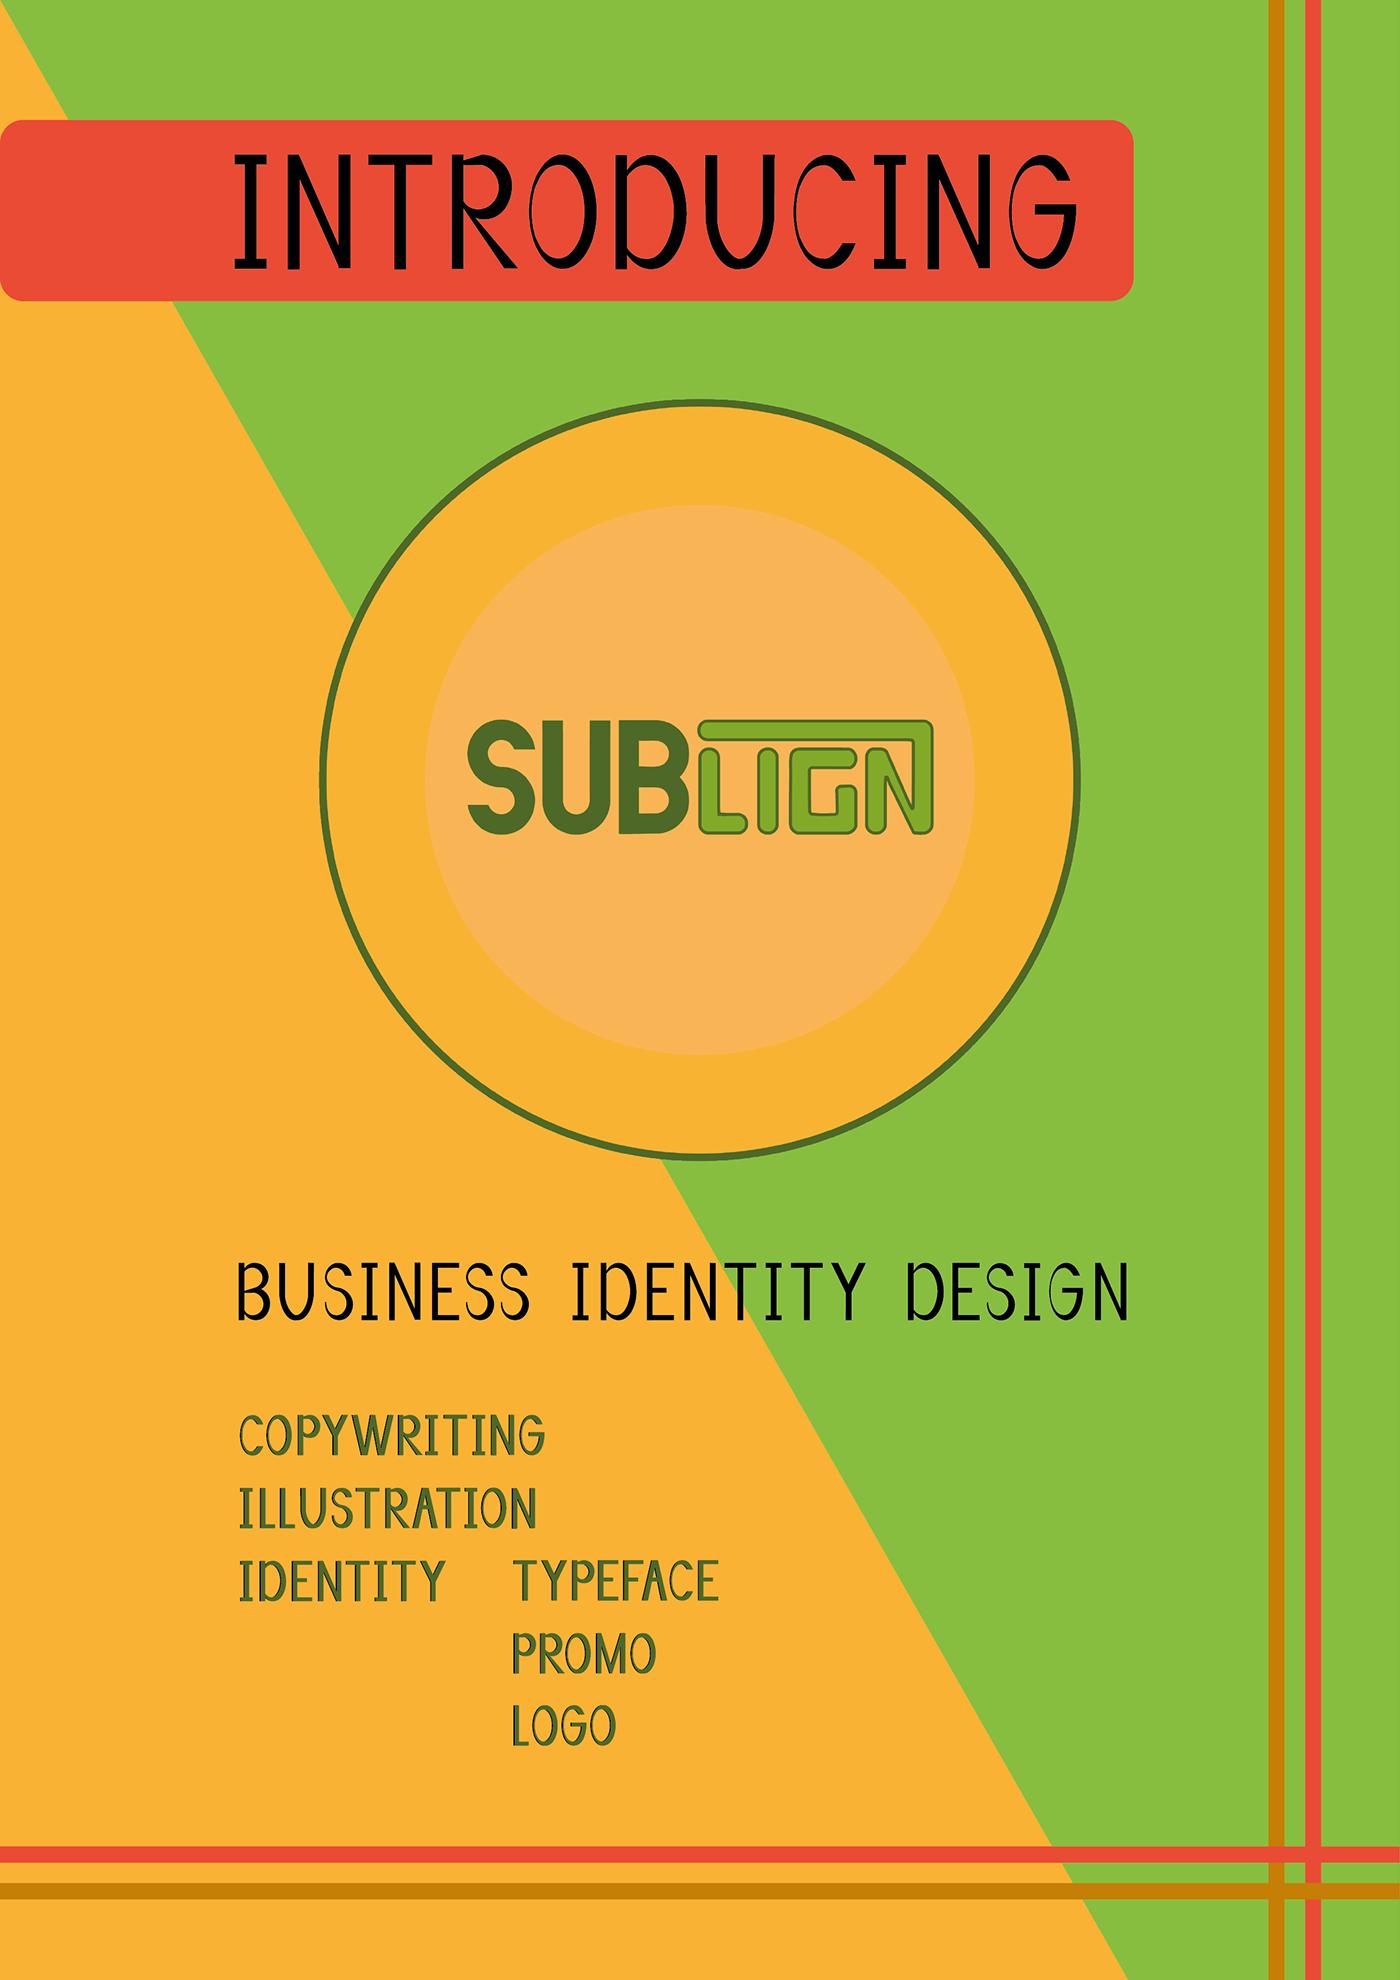 cover Cover Art cover design COVER DESIGNER cover logo Front Cover front cover design Poster Design Quality design sublign